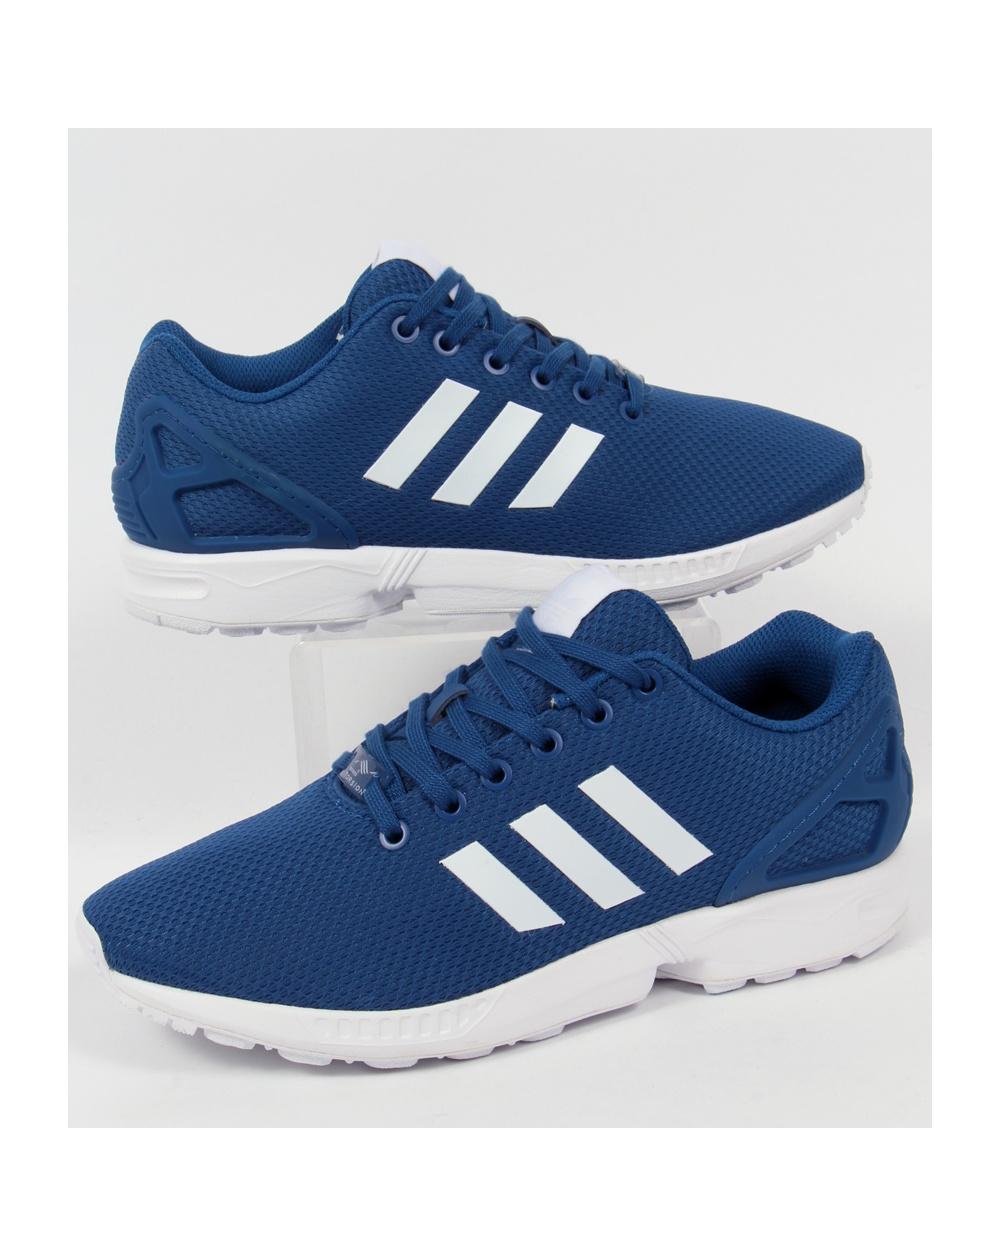 Adidas Originaler Zx Flux - Mens Lyse Blå qGlhg0t6Q